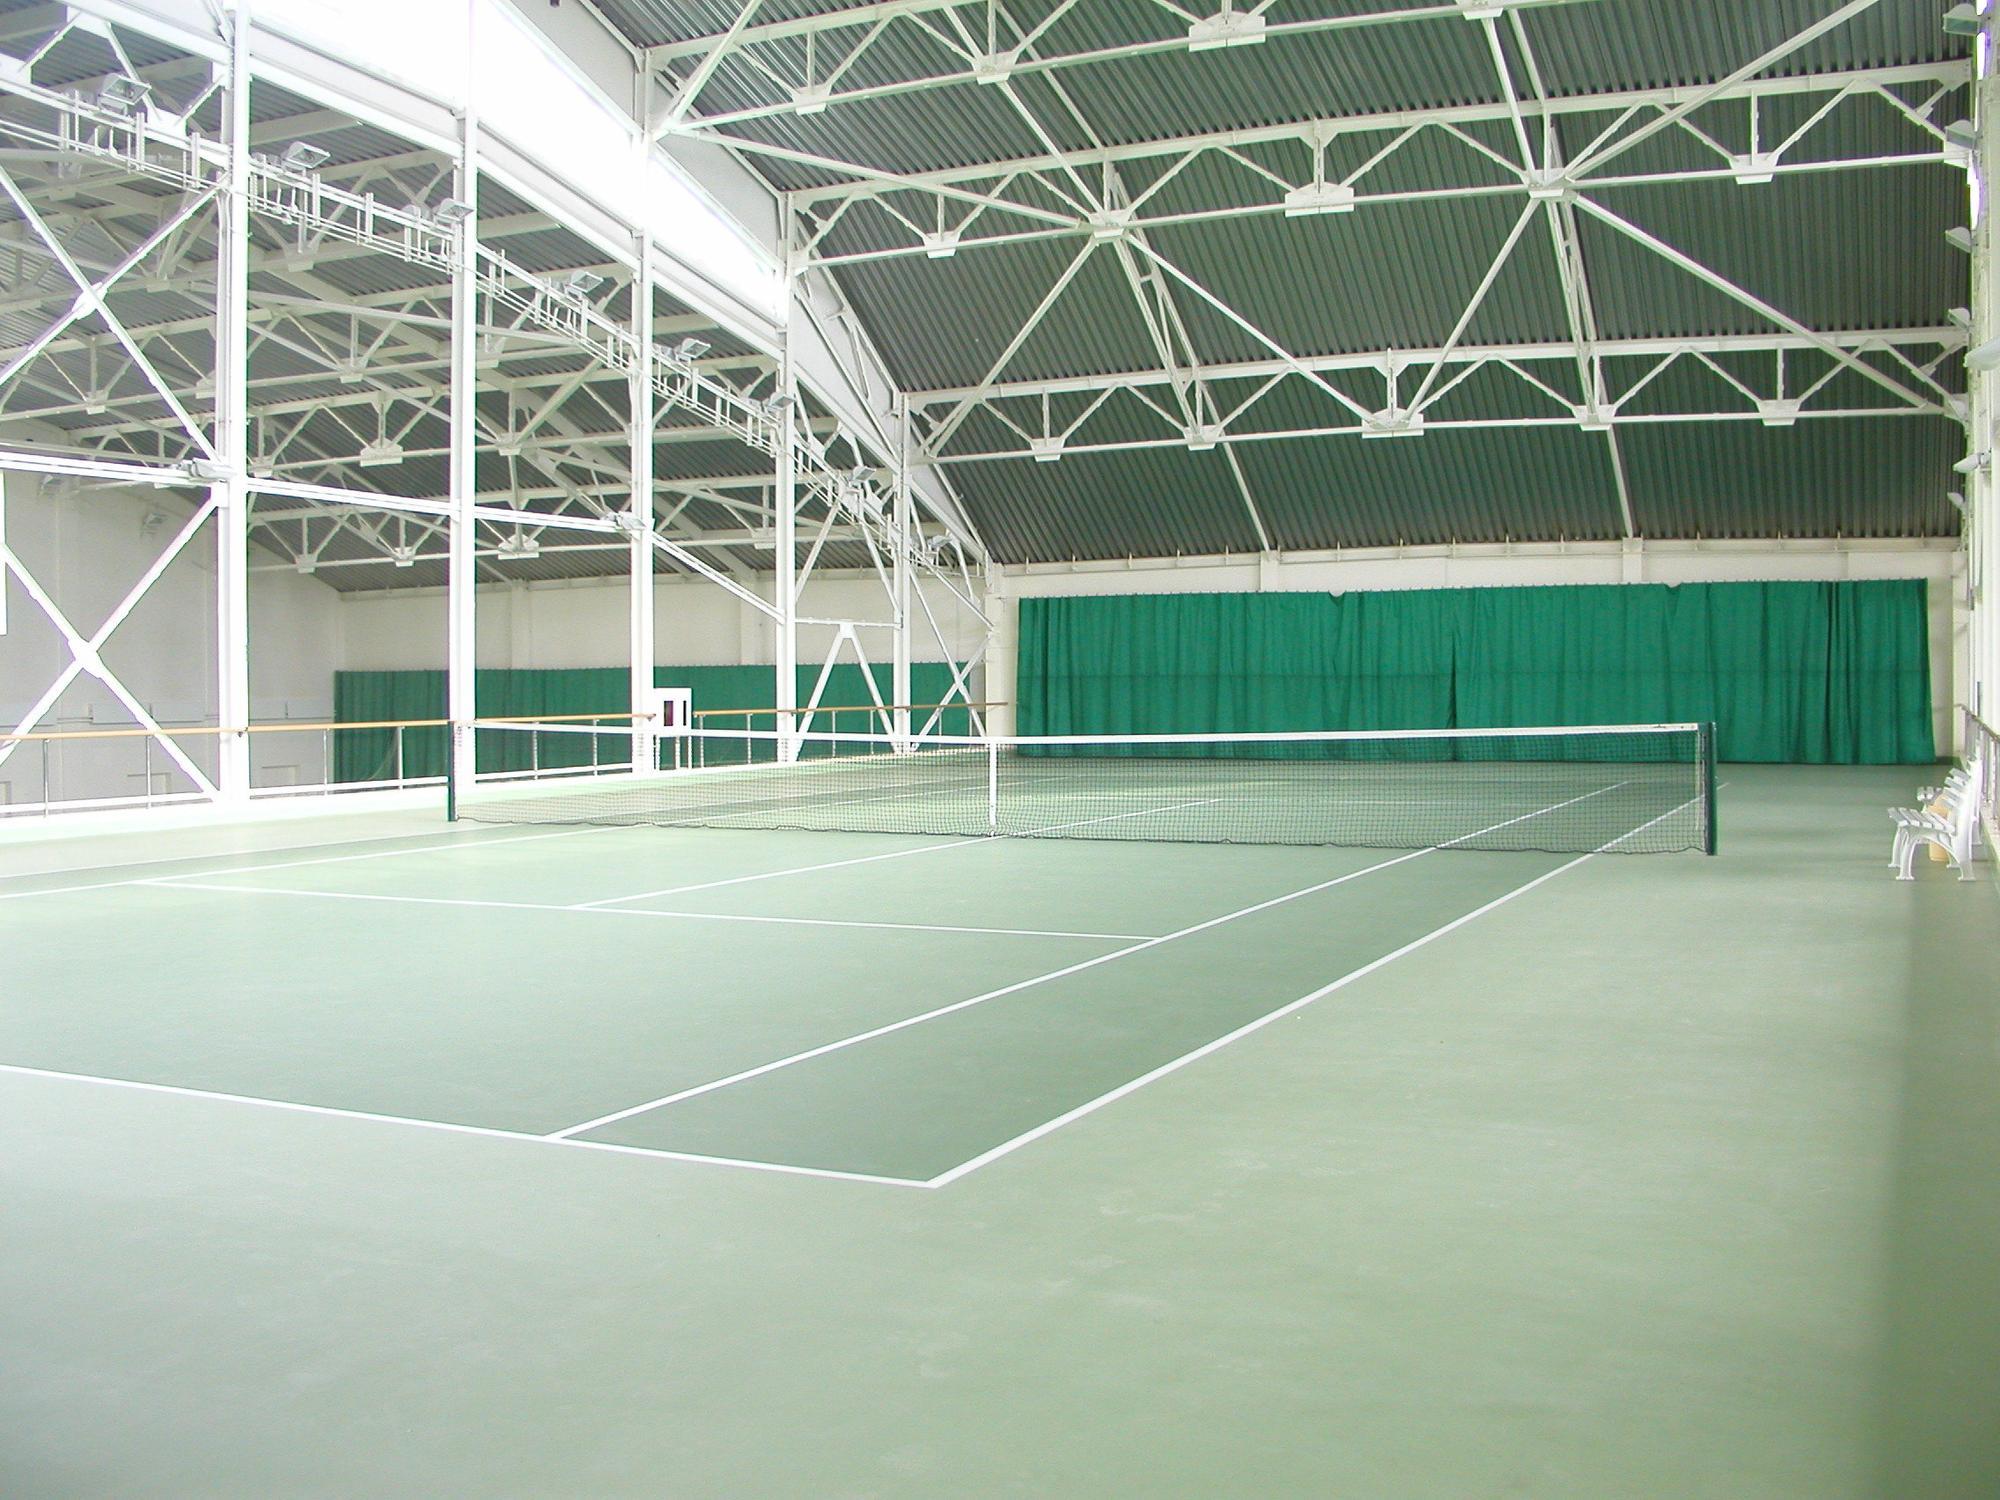 фотография Теннисного клуба Эйс на Флотской улице